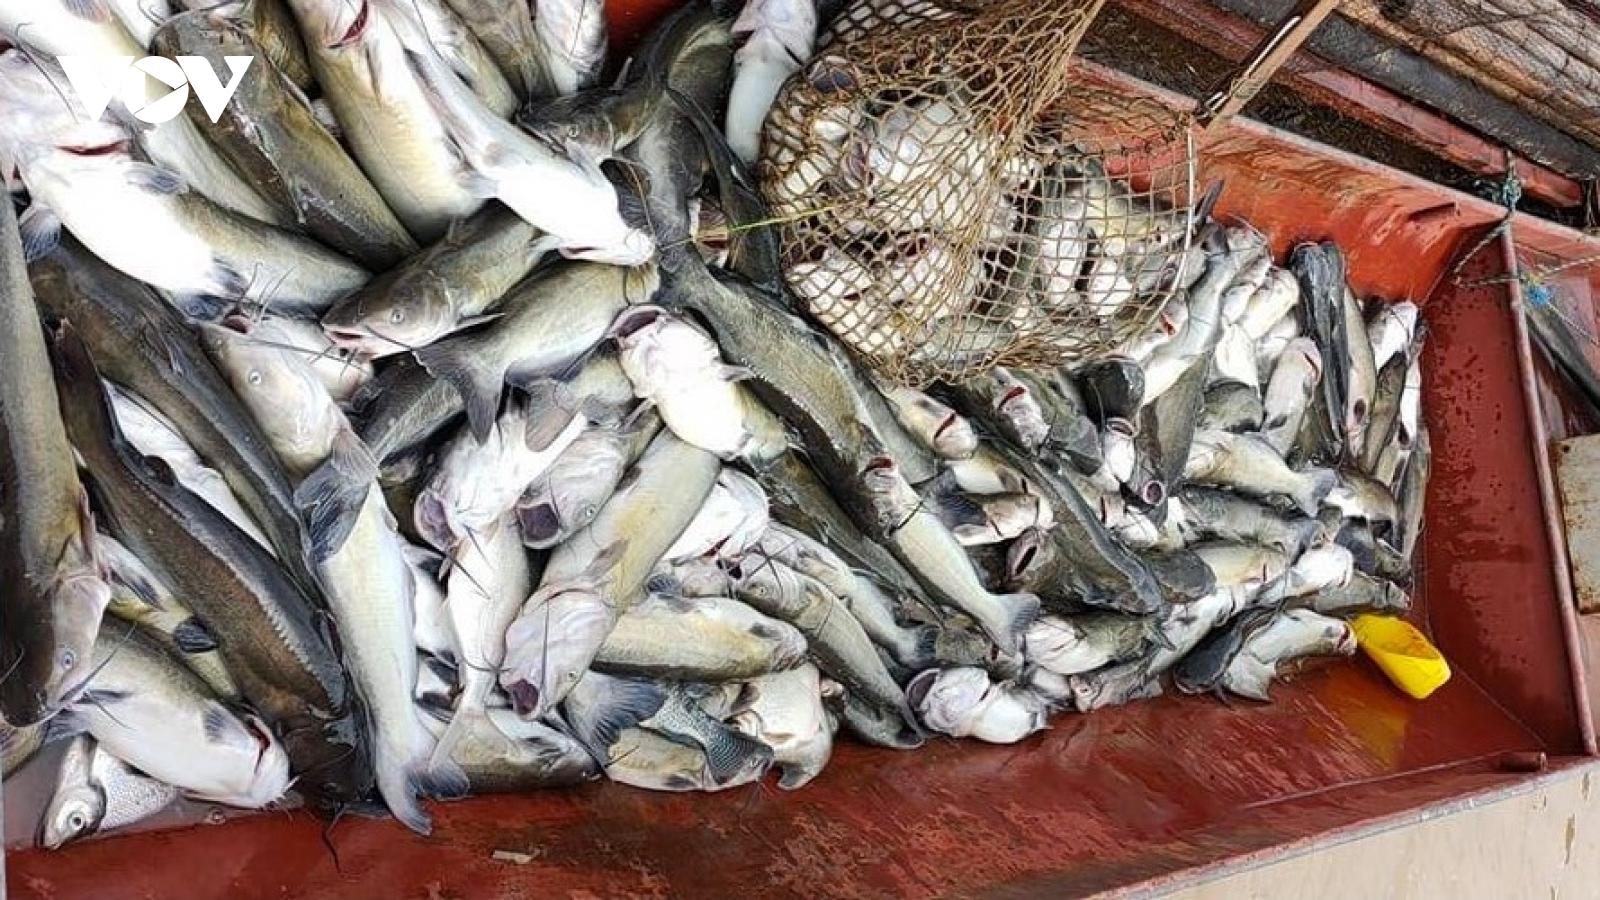 Cá lồng ở Phù Yên, Sơn La chết hàng loạt vì nước sông Đà đục ngầu bùn đất